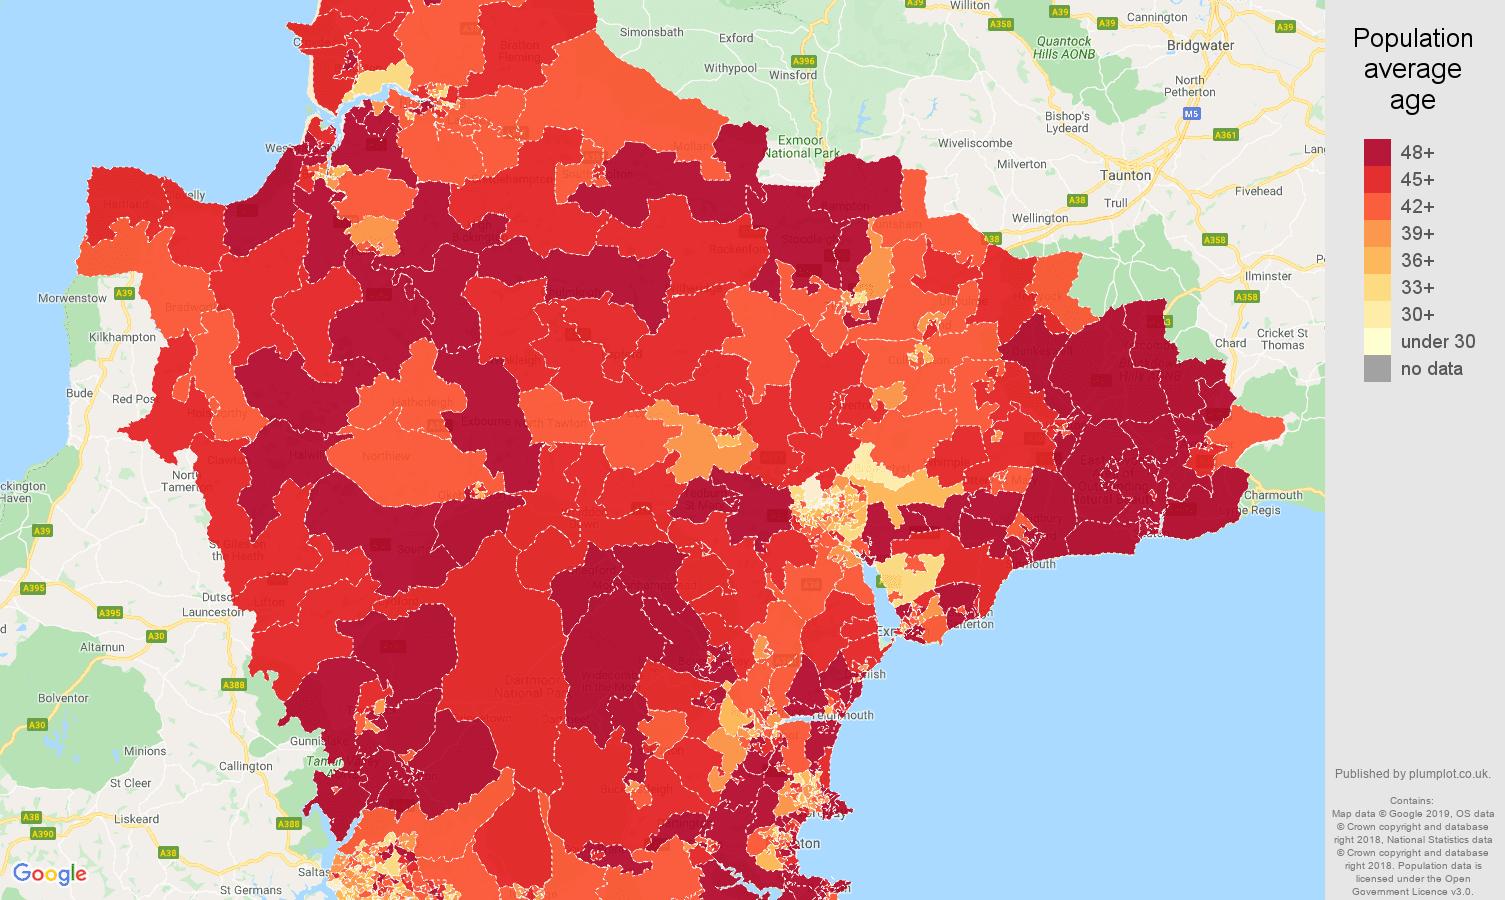 devon population average age map